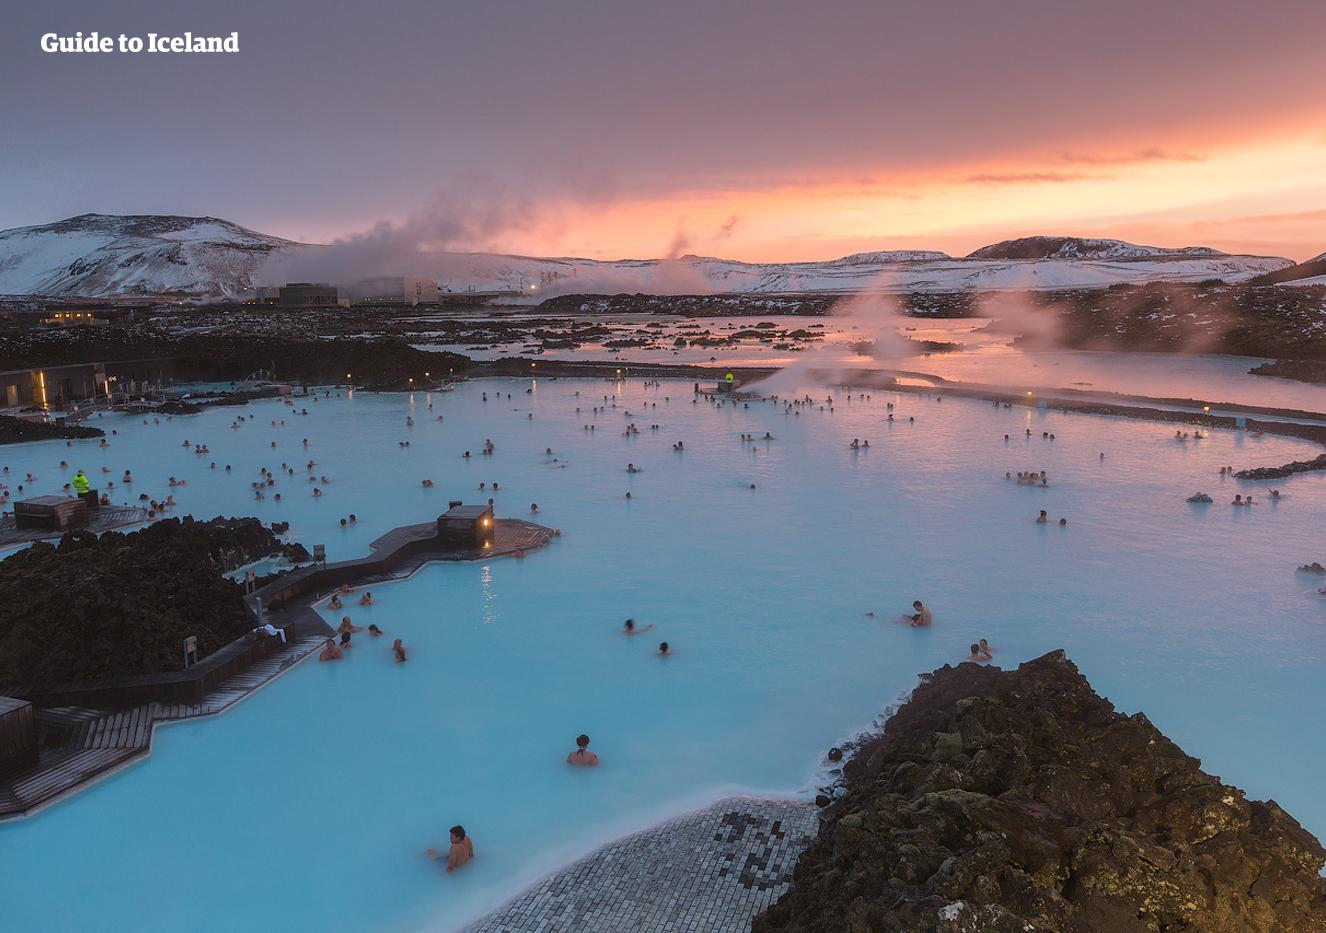 Het geothermisch verwarmde water van de Blue Lagoon is rijk aan mineralen die je na een lange reis zeker zullen verkwikken